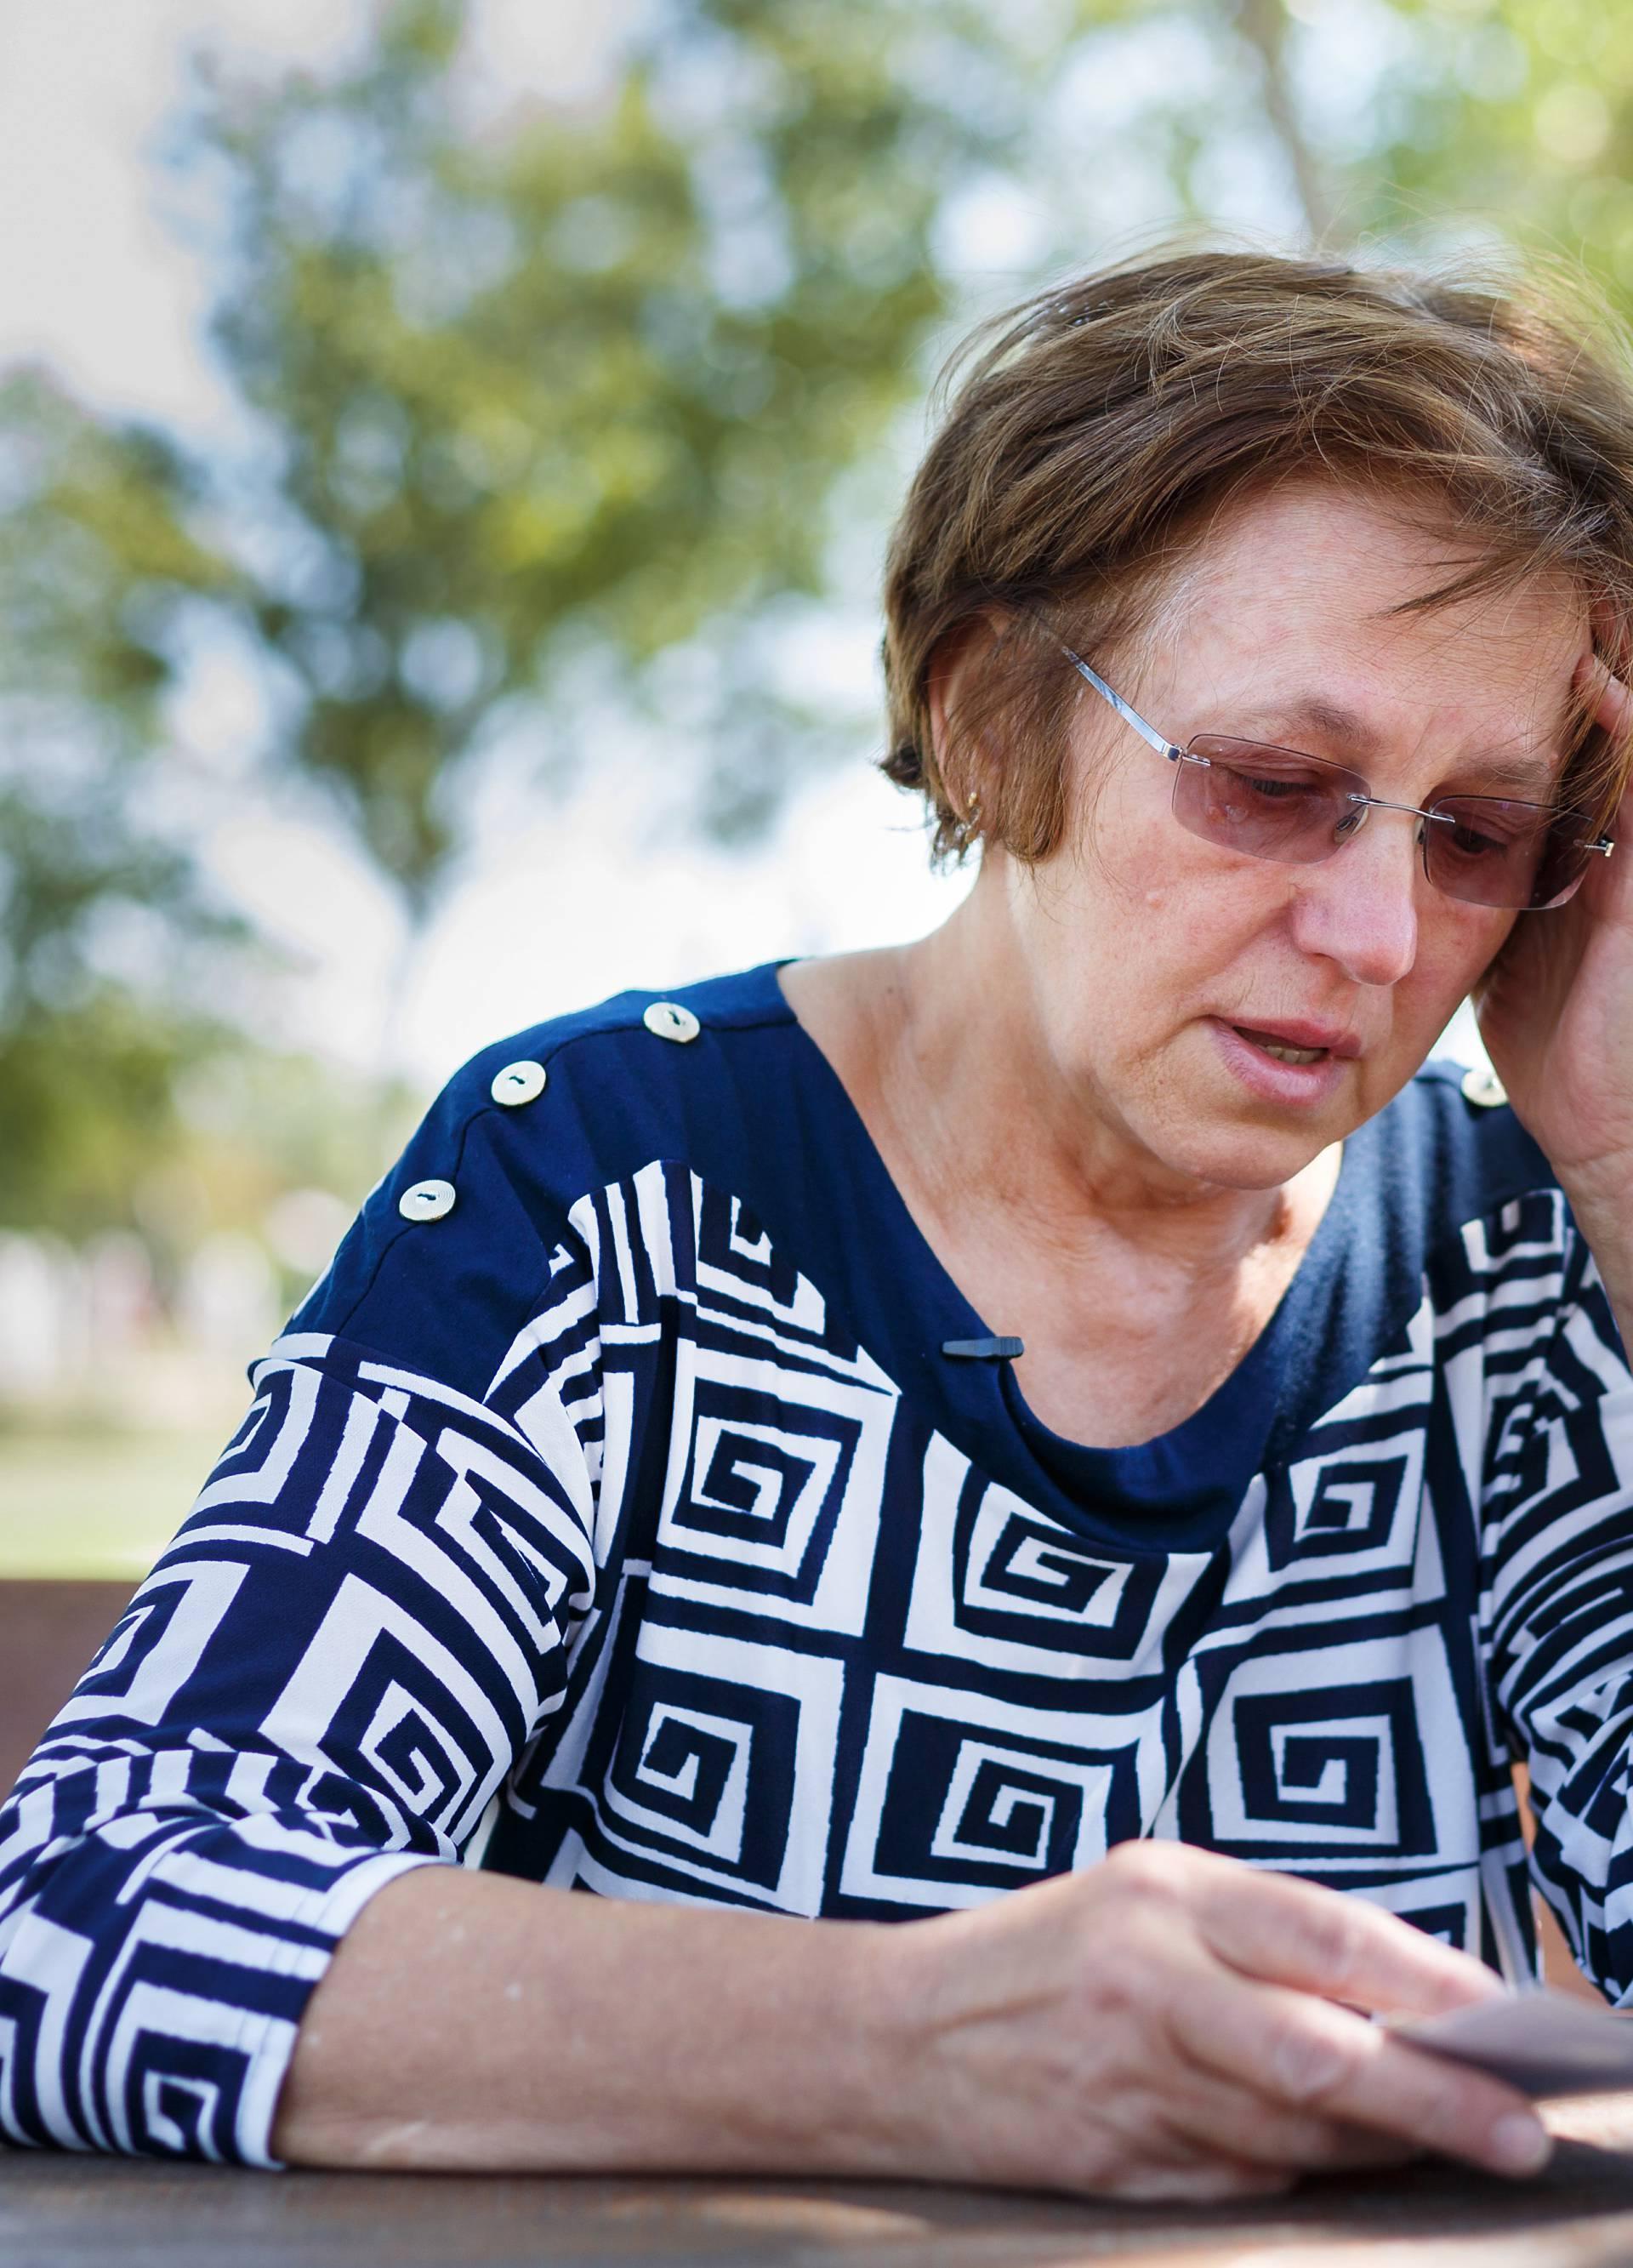 Ispovijest Vukovarke: Govorili su mi - više ne možemo ubijati